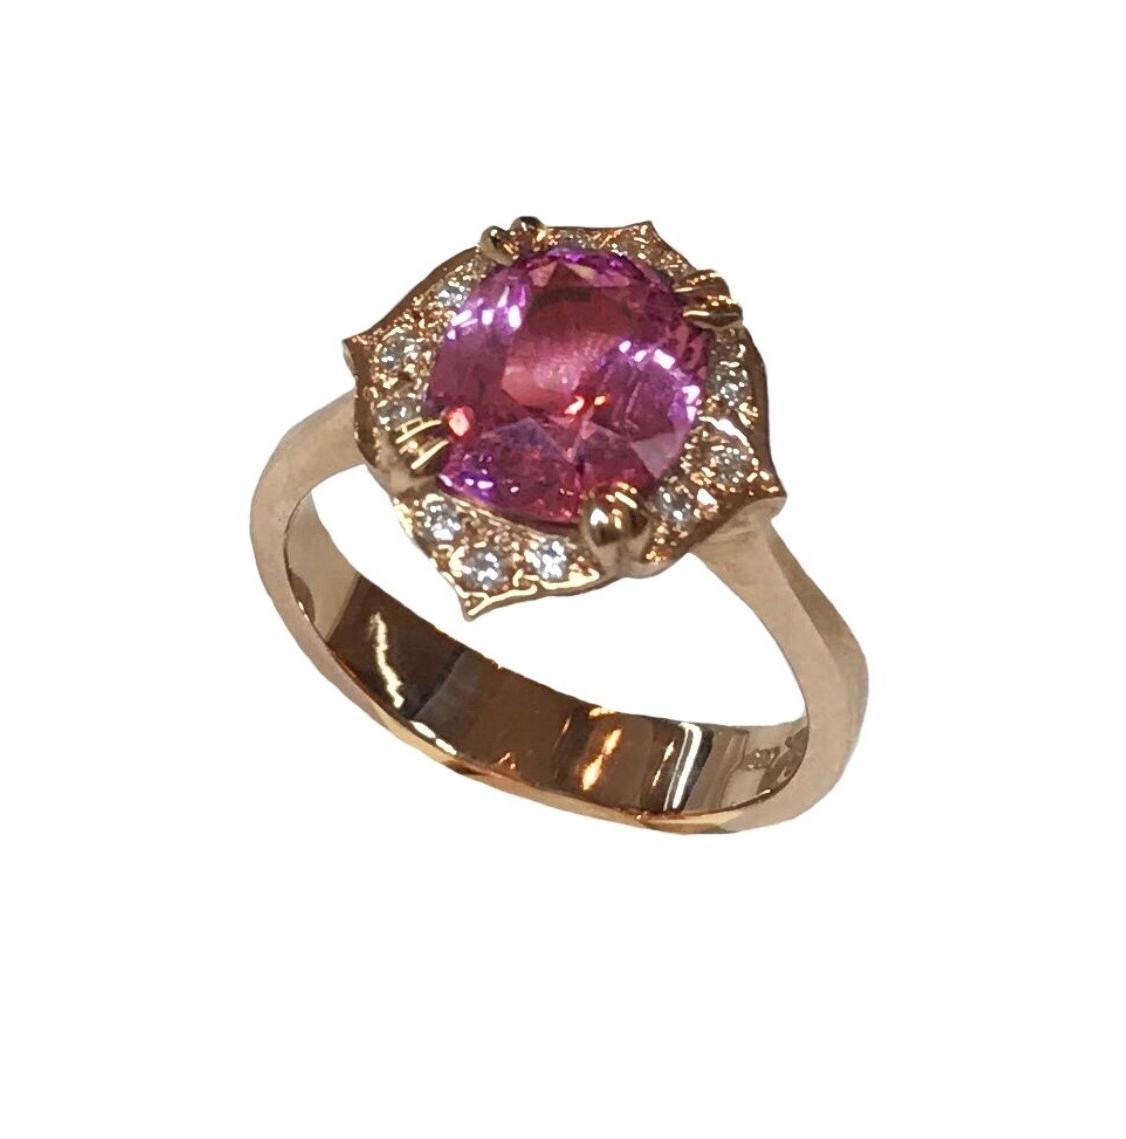 Malaia Garnet Cushion Cut Ring with Diamonds in Rose Gold.jpeg